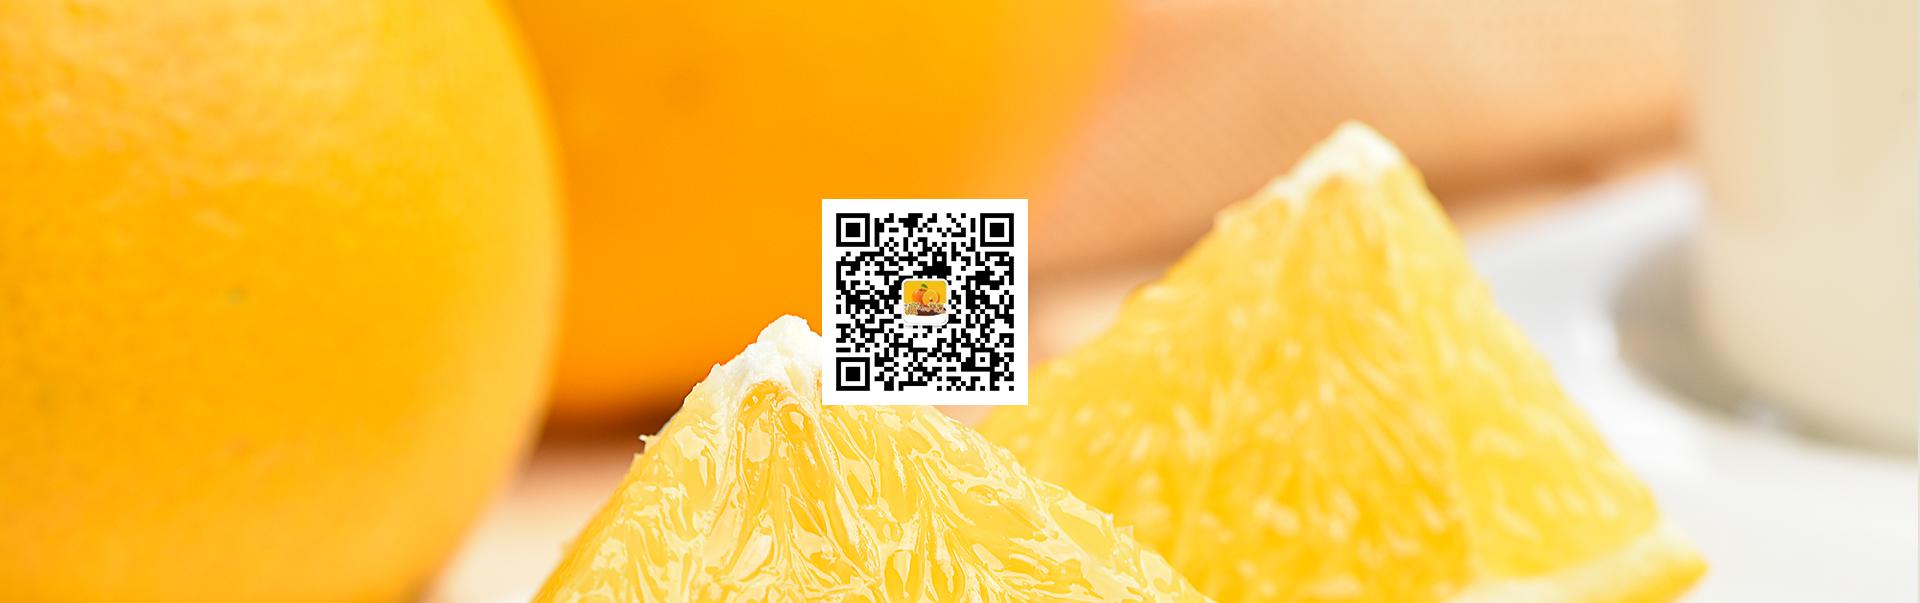 橙心如意公众号